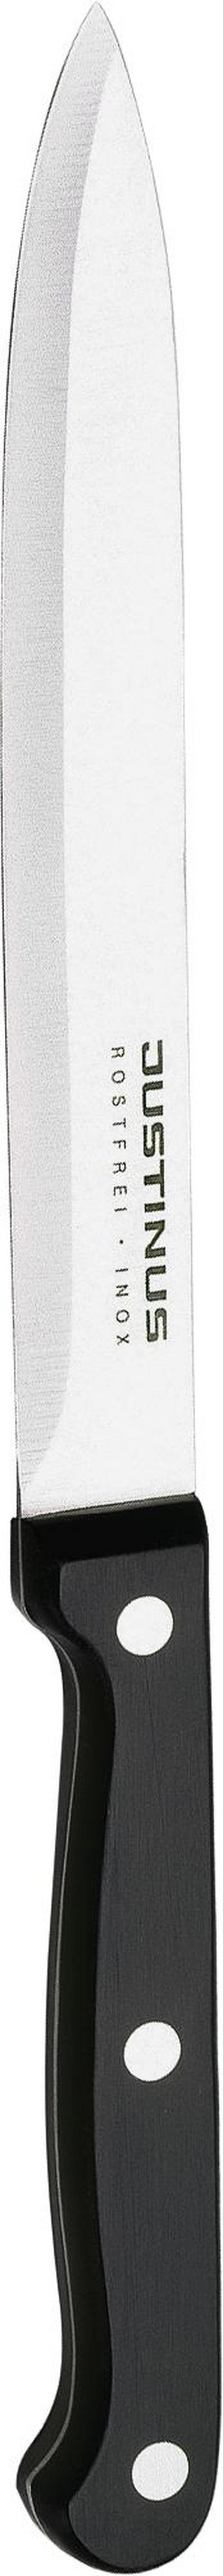 SCHINKENMESSER  15 cm - Schwarz, Basics, Kunststoff/Metall (25cm) - Justinus